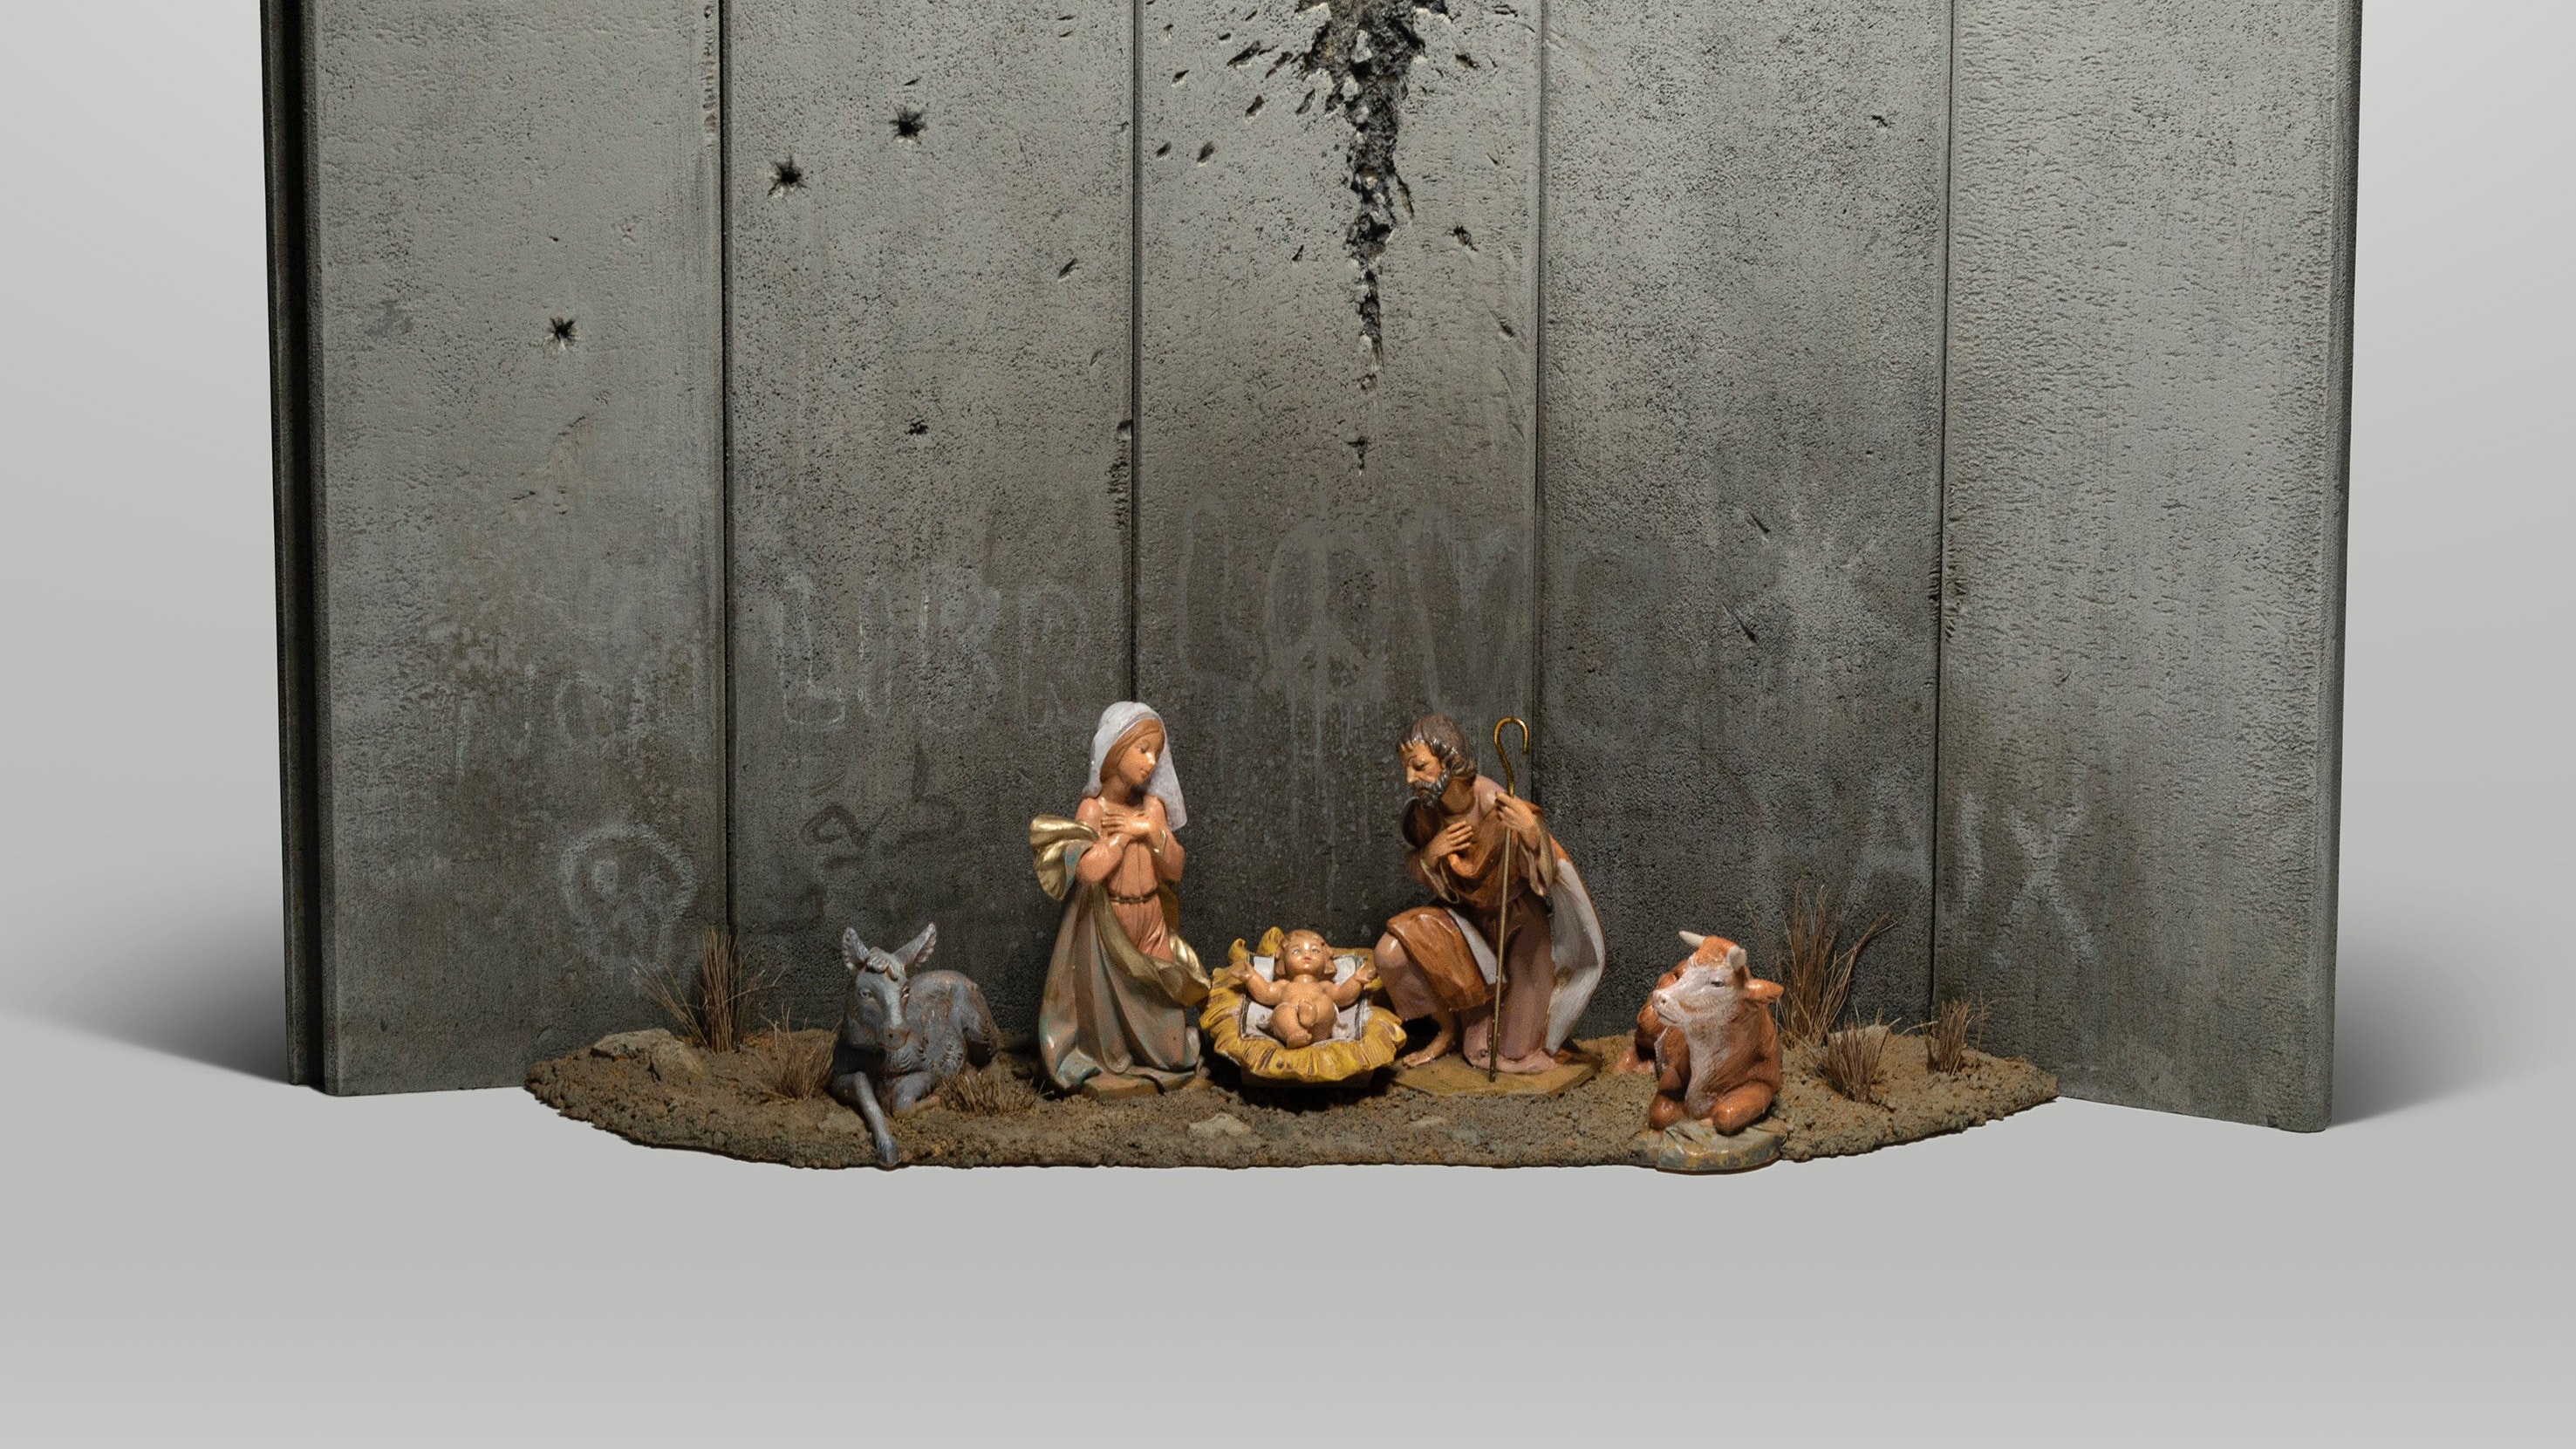 Banksy 'nativity scene' appears in Bethlehem hotel